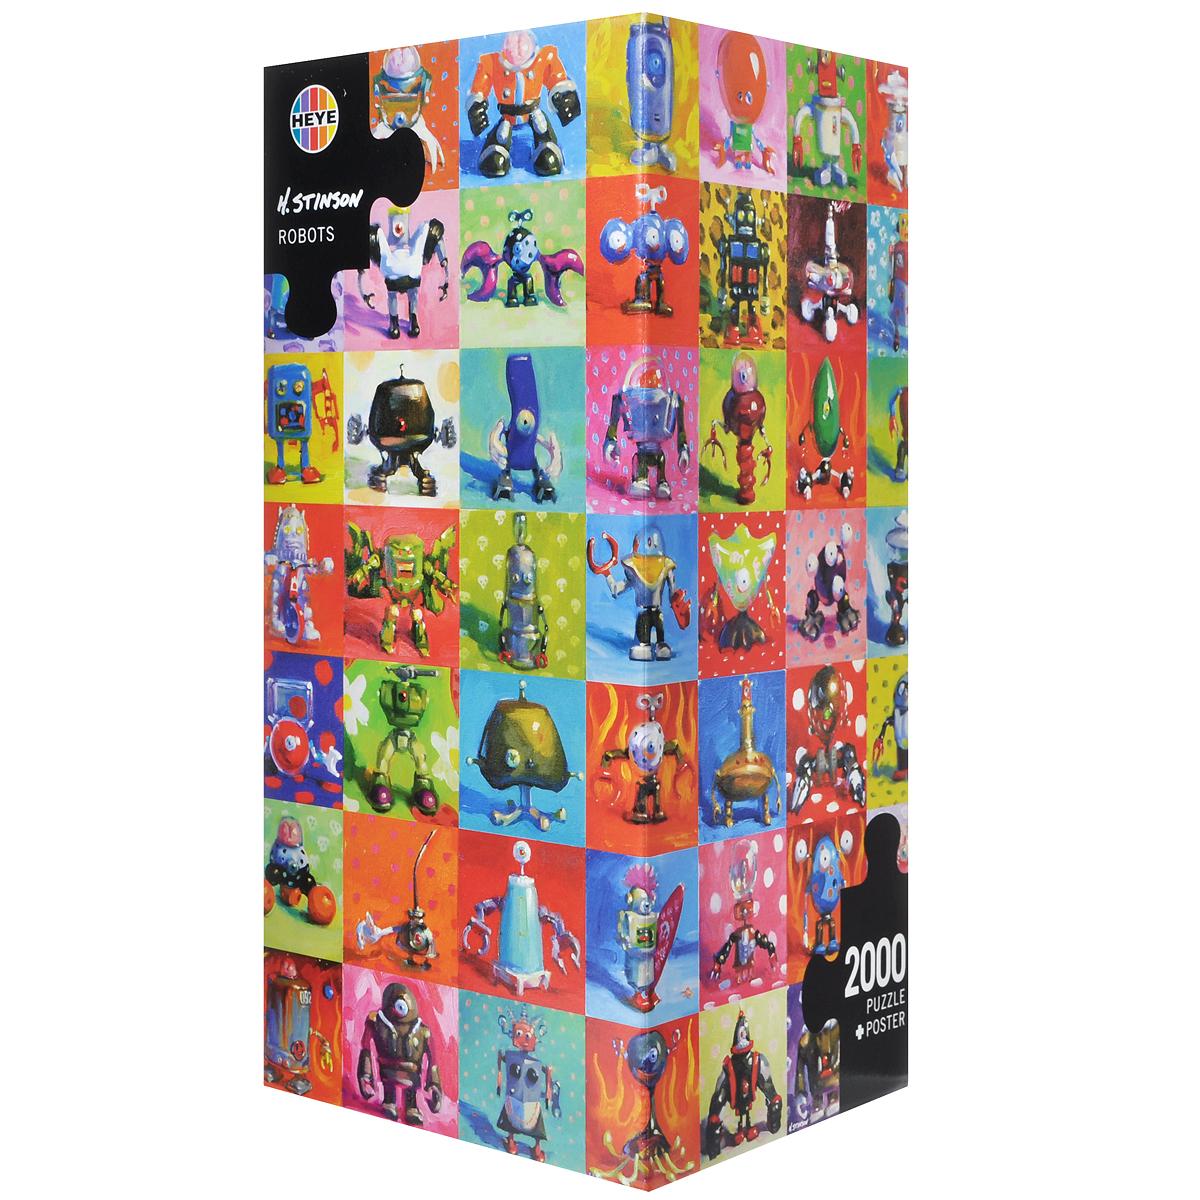 H. Stinson Роботы. Пазл, 2000 элементов29576Пазл Роботы, без сомнения, придется по душе вам и вашему ребенку. Собрав этот пазл, включающий в себя 20000 элементов, вы получите яркую цветную иллюстрацию автора H. Stinson, на которой изображены различные оригинальные роботы. В комплект входит постер. Пазлы - прекрасное антистрессовое средство для взрослых и замечательная развивающая игра для детей. Собирание пазла развивает у ребенка мелкую моторику рук, тренирует наблюдательность, логическое мышление, знакомит с окружающим миром, с цветом и разнообразными формами, учит усидчивости и терпению, аккуратности и вниманию. Собирание пазла - прекрасное времяпрепровождение для всей семьи.